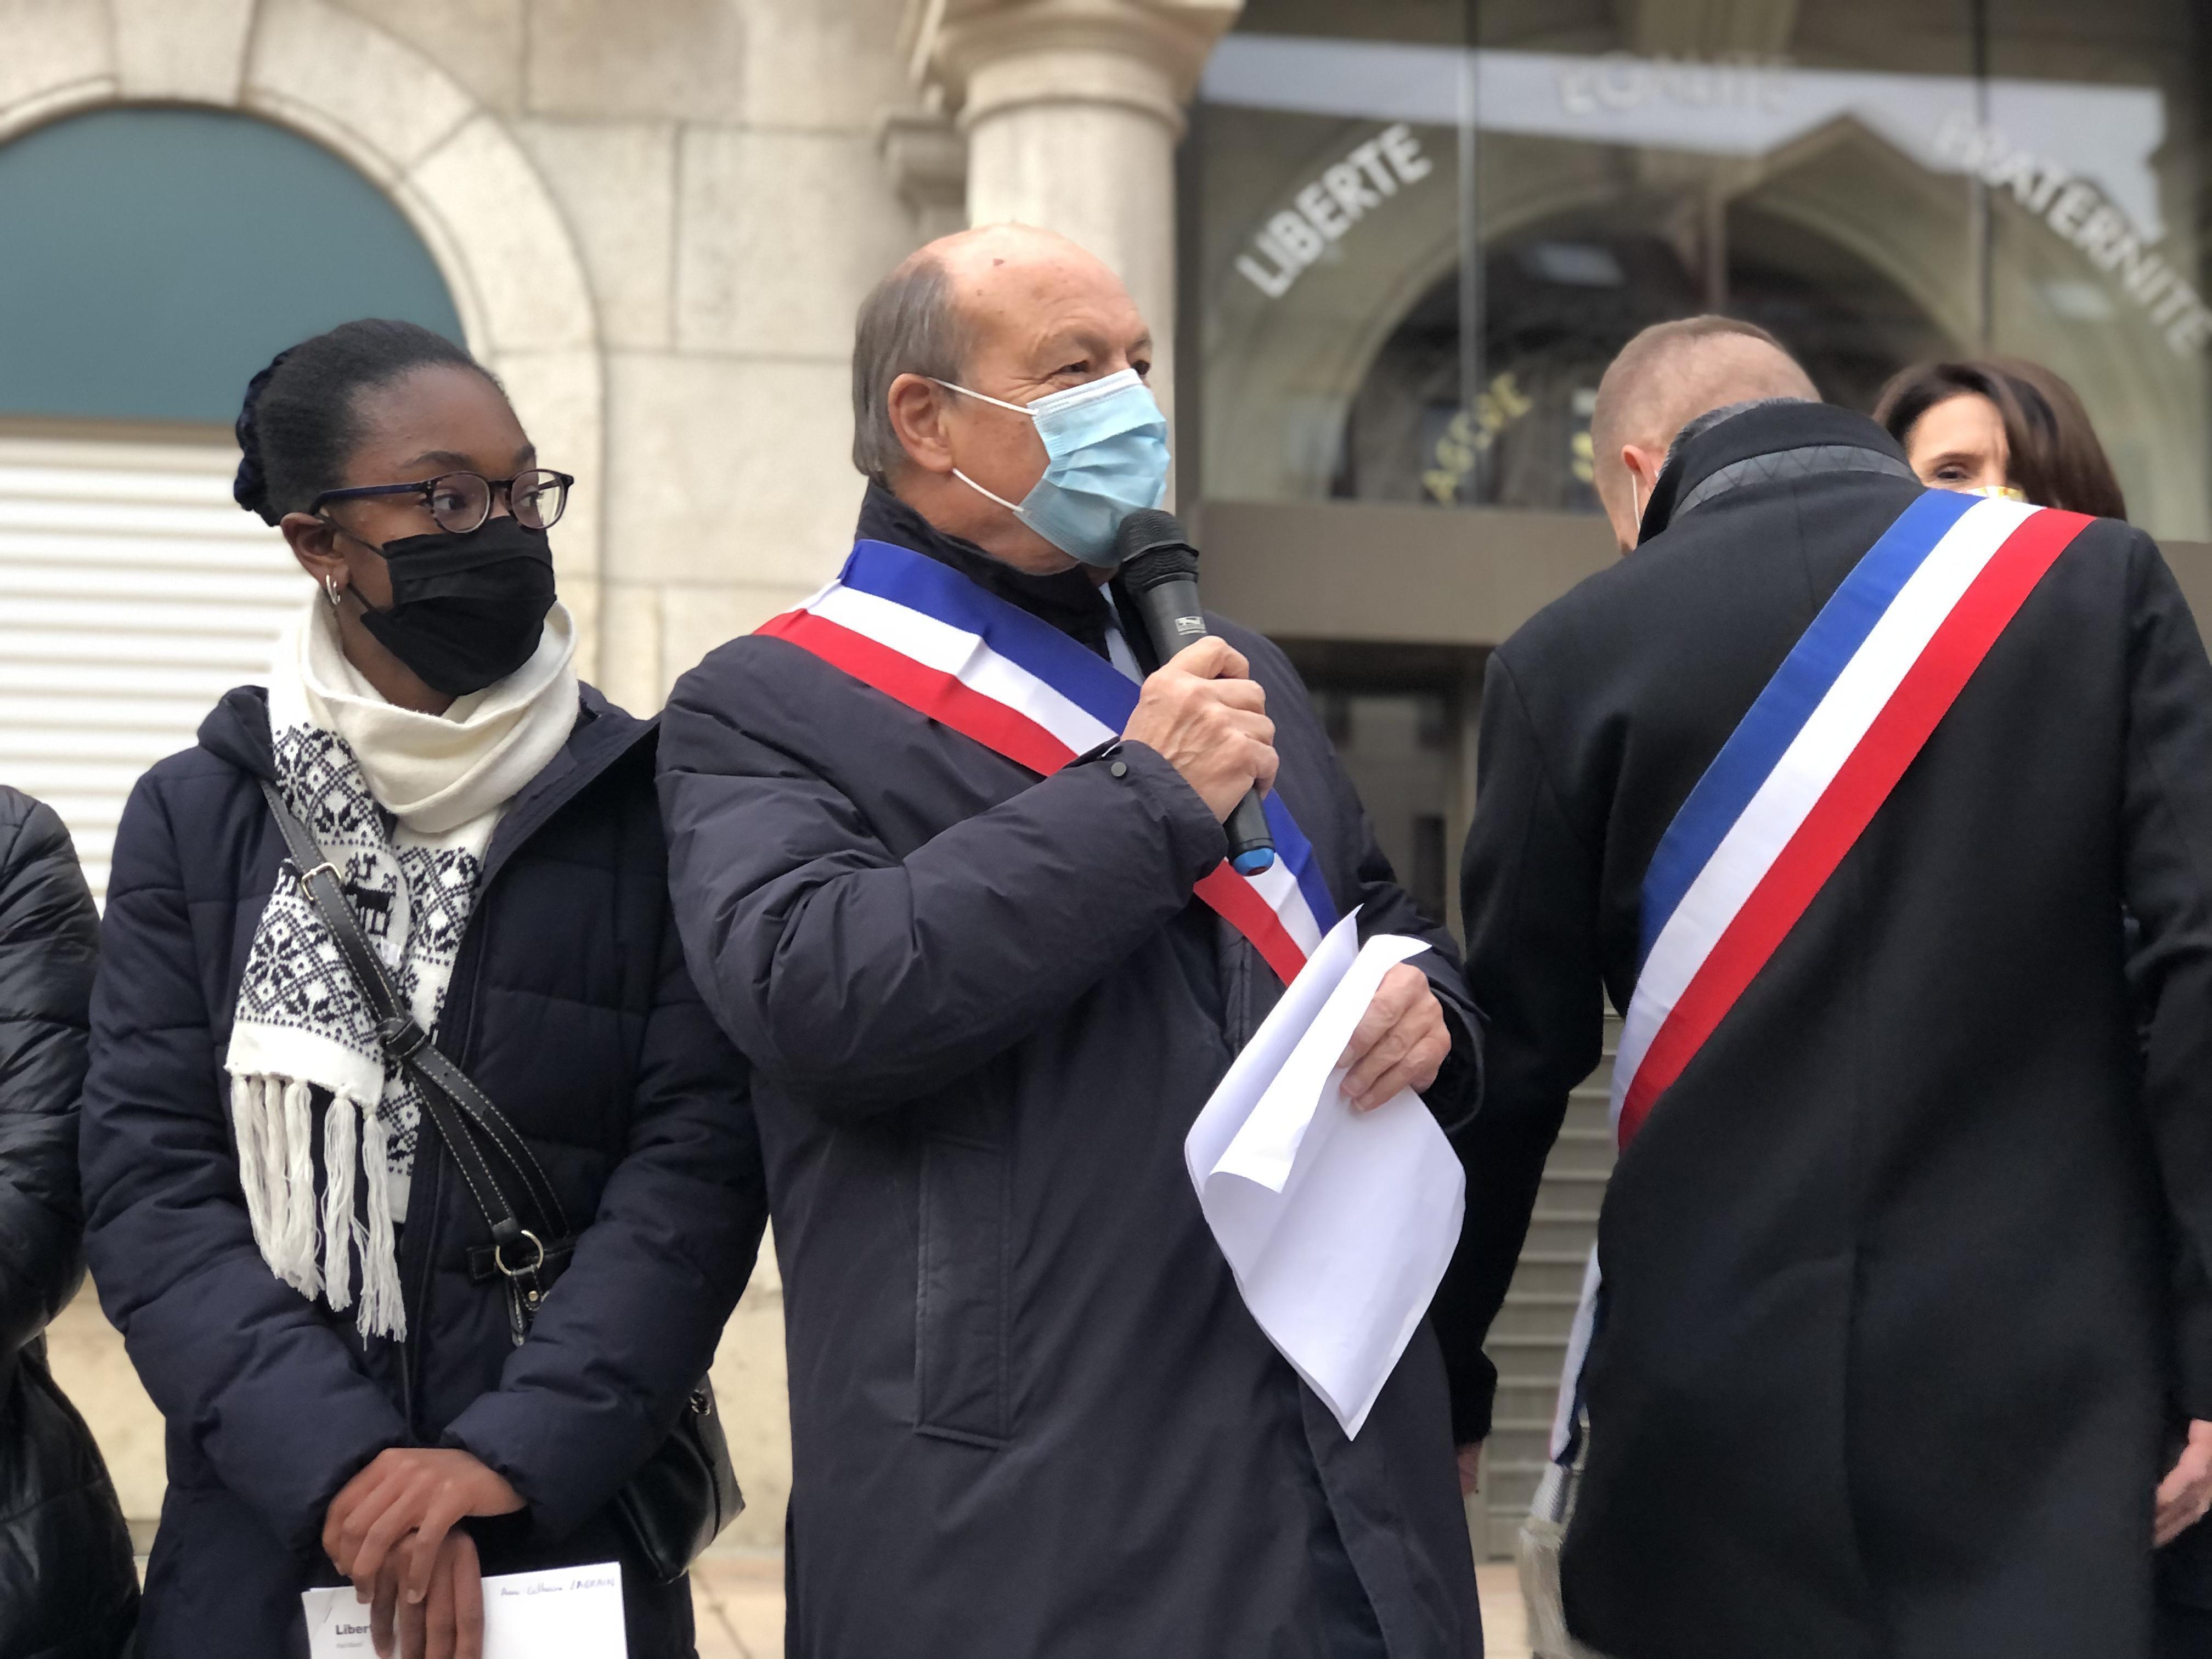 (VIDÉO & PHOTOS) Annemasse: 300 personnes sur la place de la mairie pour rendre hommage à Samuel Paty